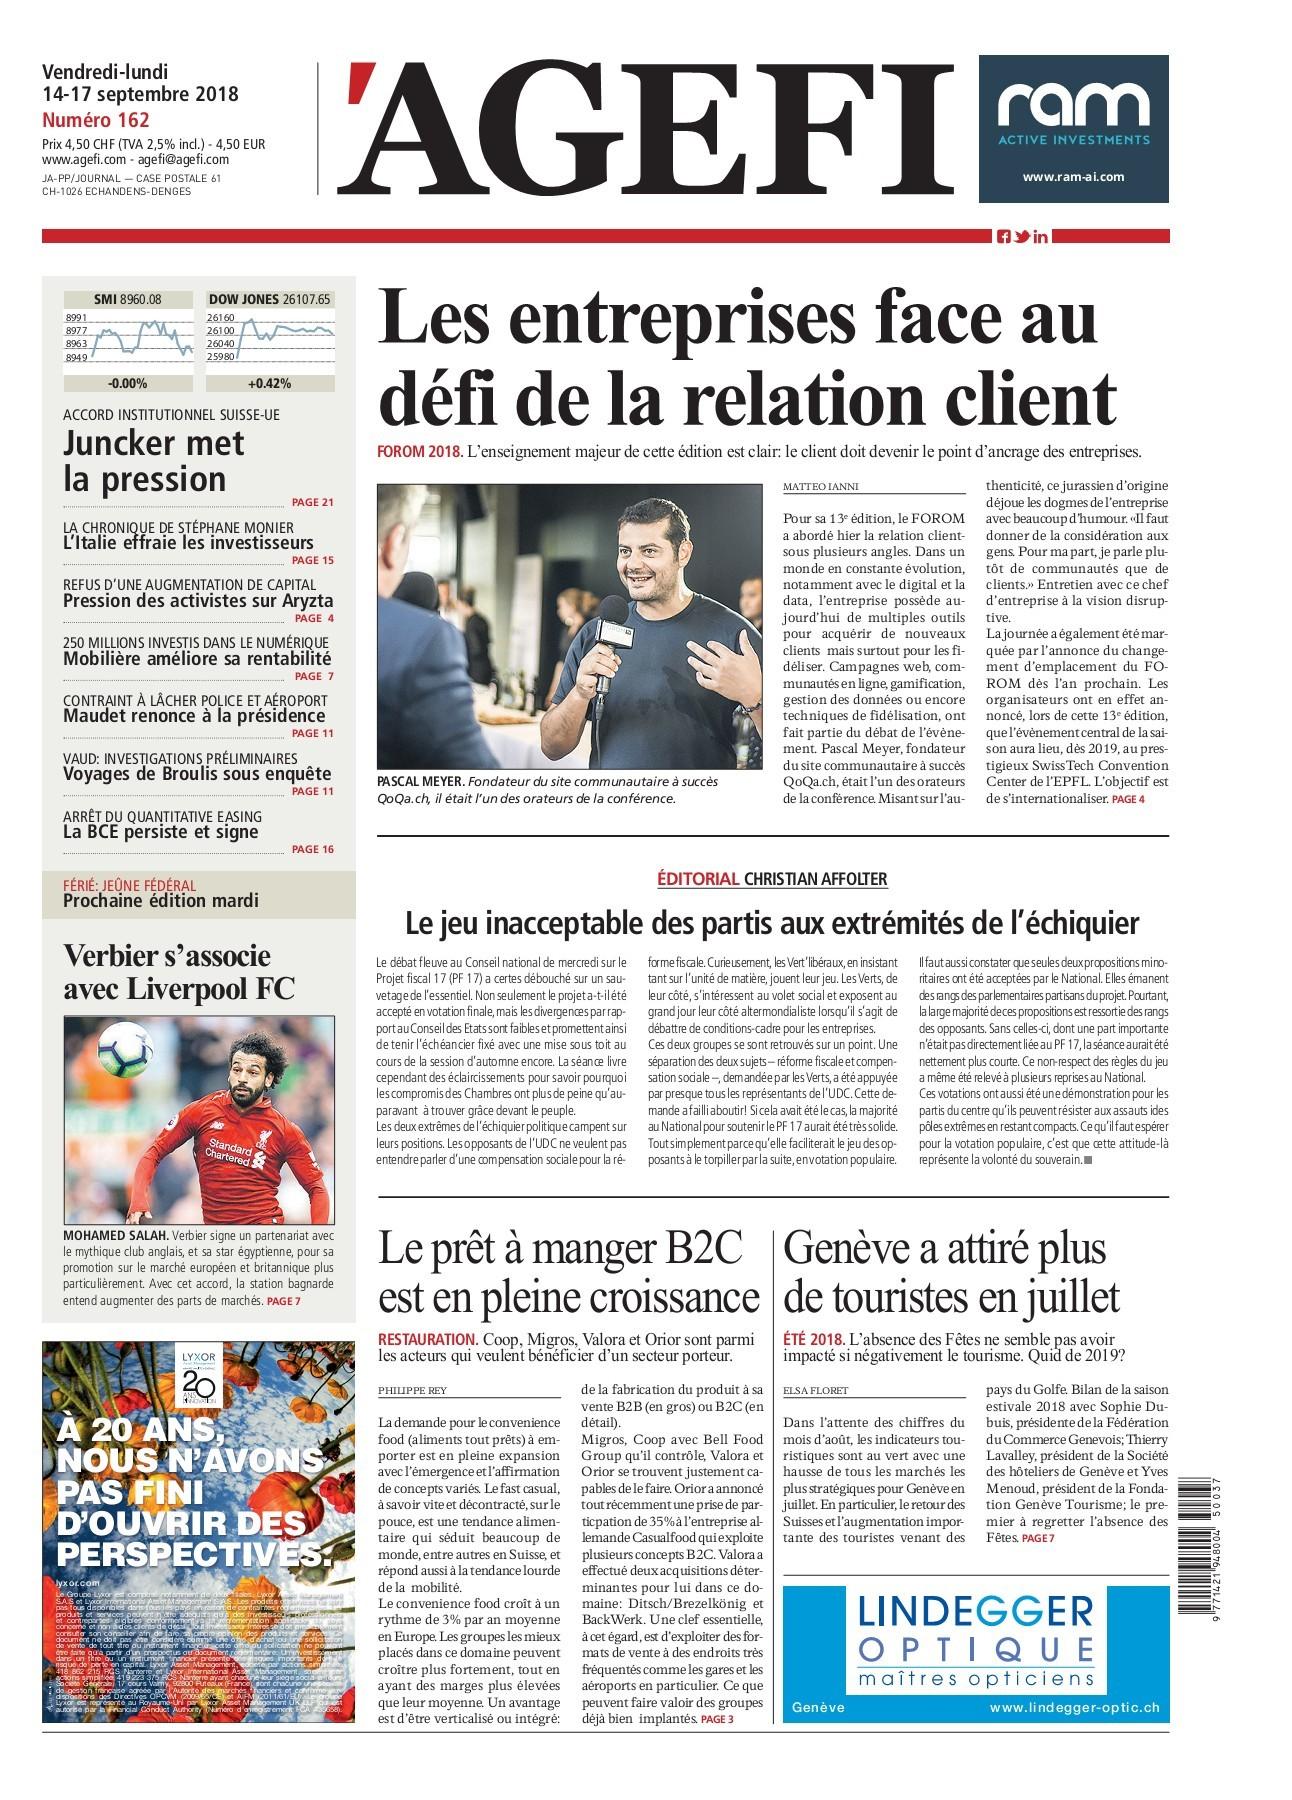 Agefi Quotidien 14 09 2018 Flip Book Pages 1 22 Pubhtml5